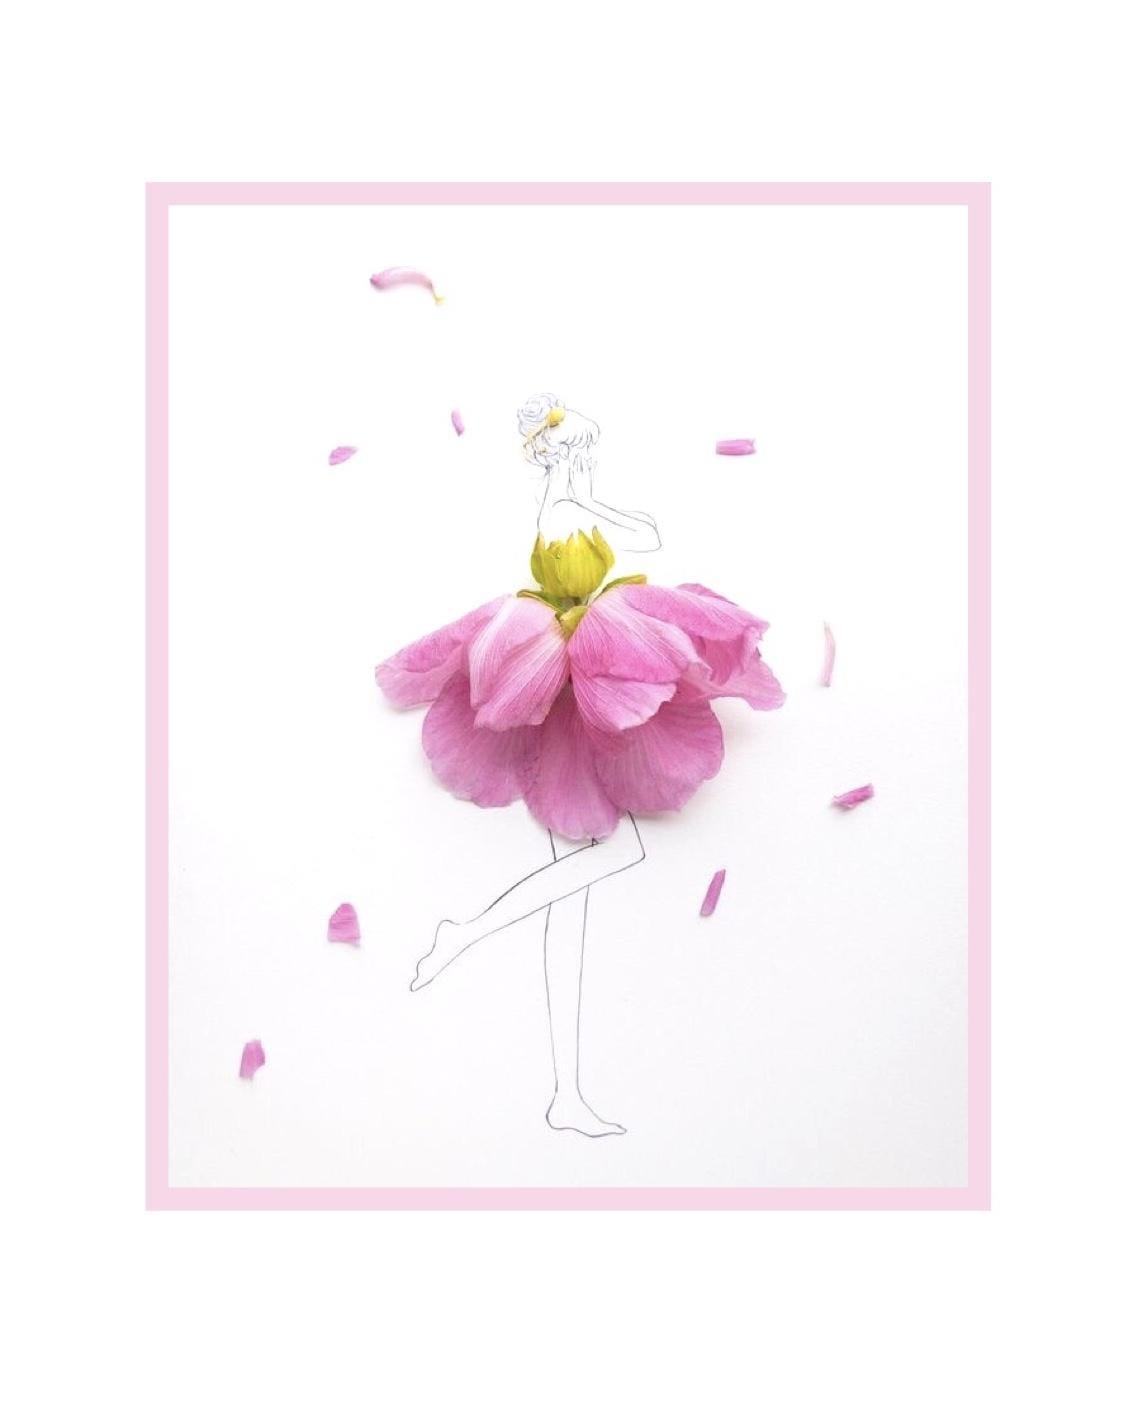 咲良 (さくら)・Bランク「ありがとぅ❣️」03/02(火) 21:34 | 咲良 (さくら)・Bランクの写メ・風俗動画